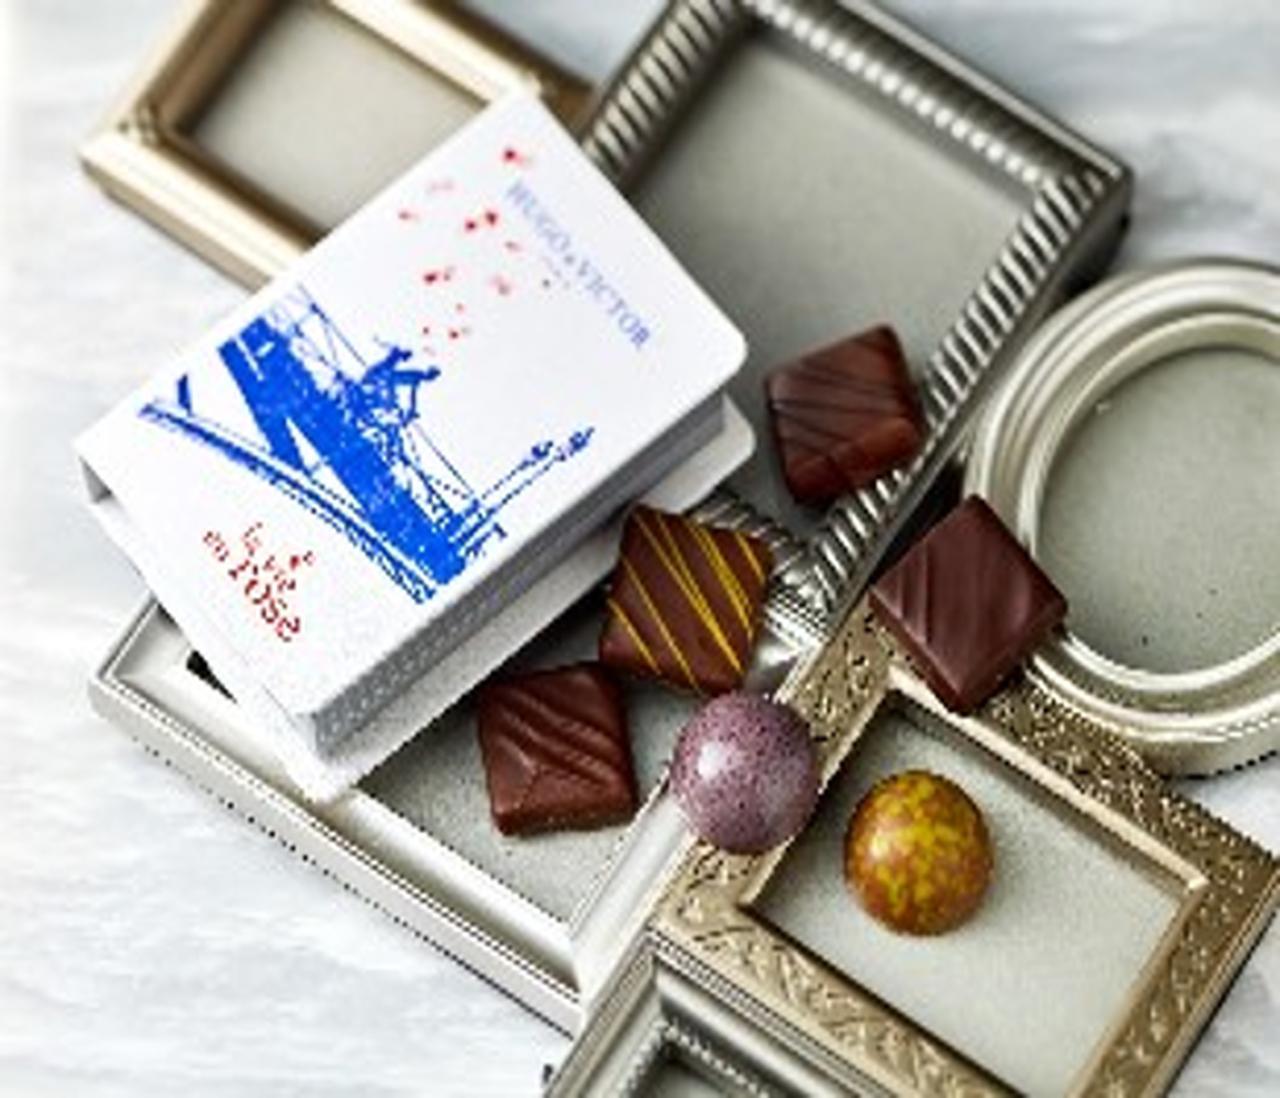 画像: ■ユーゴ アンド ヴィクトール/ラヴィアンローズ〔6個入〕 3,024円 本のかたちのパッケージには6種のチョコレート。